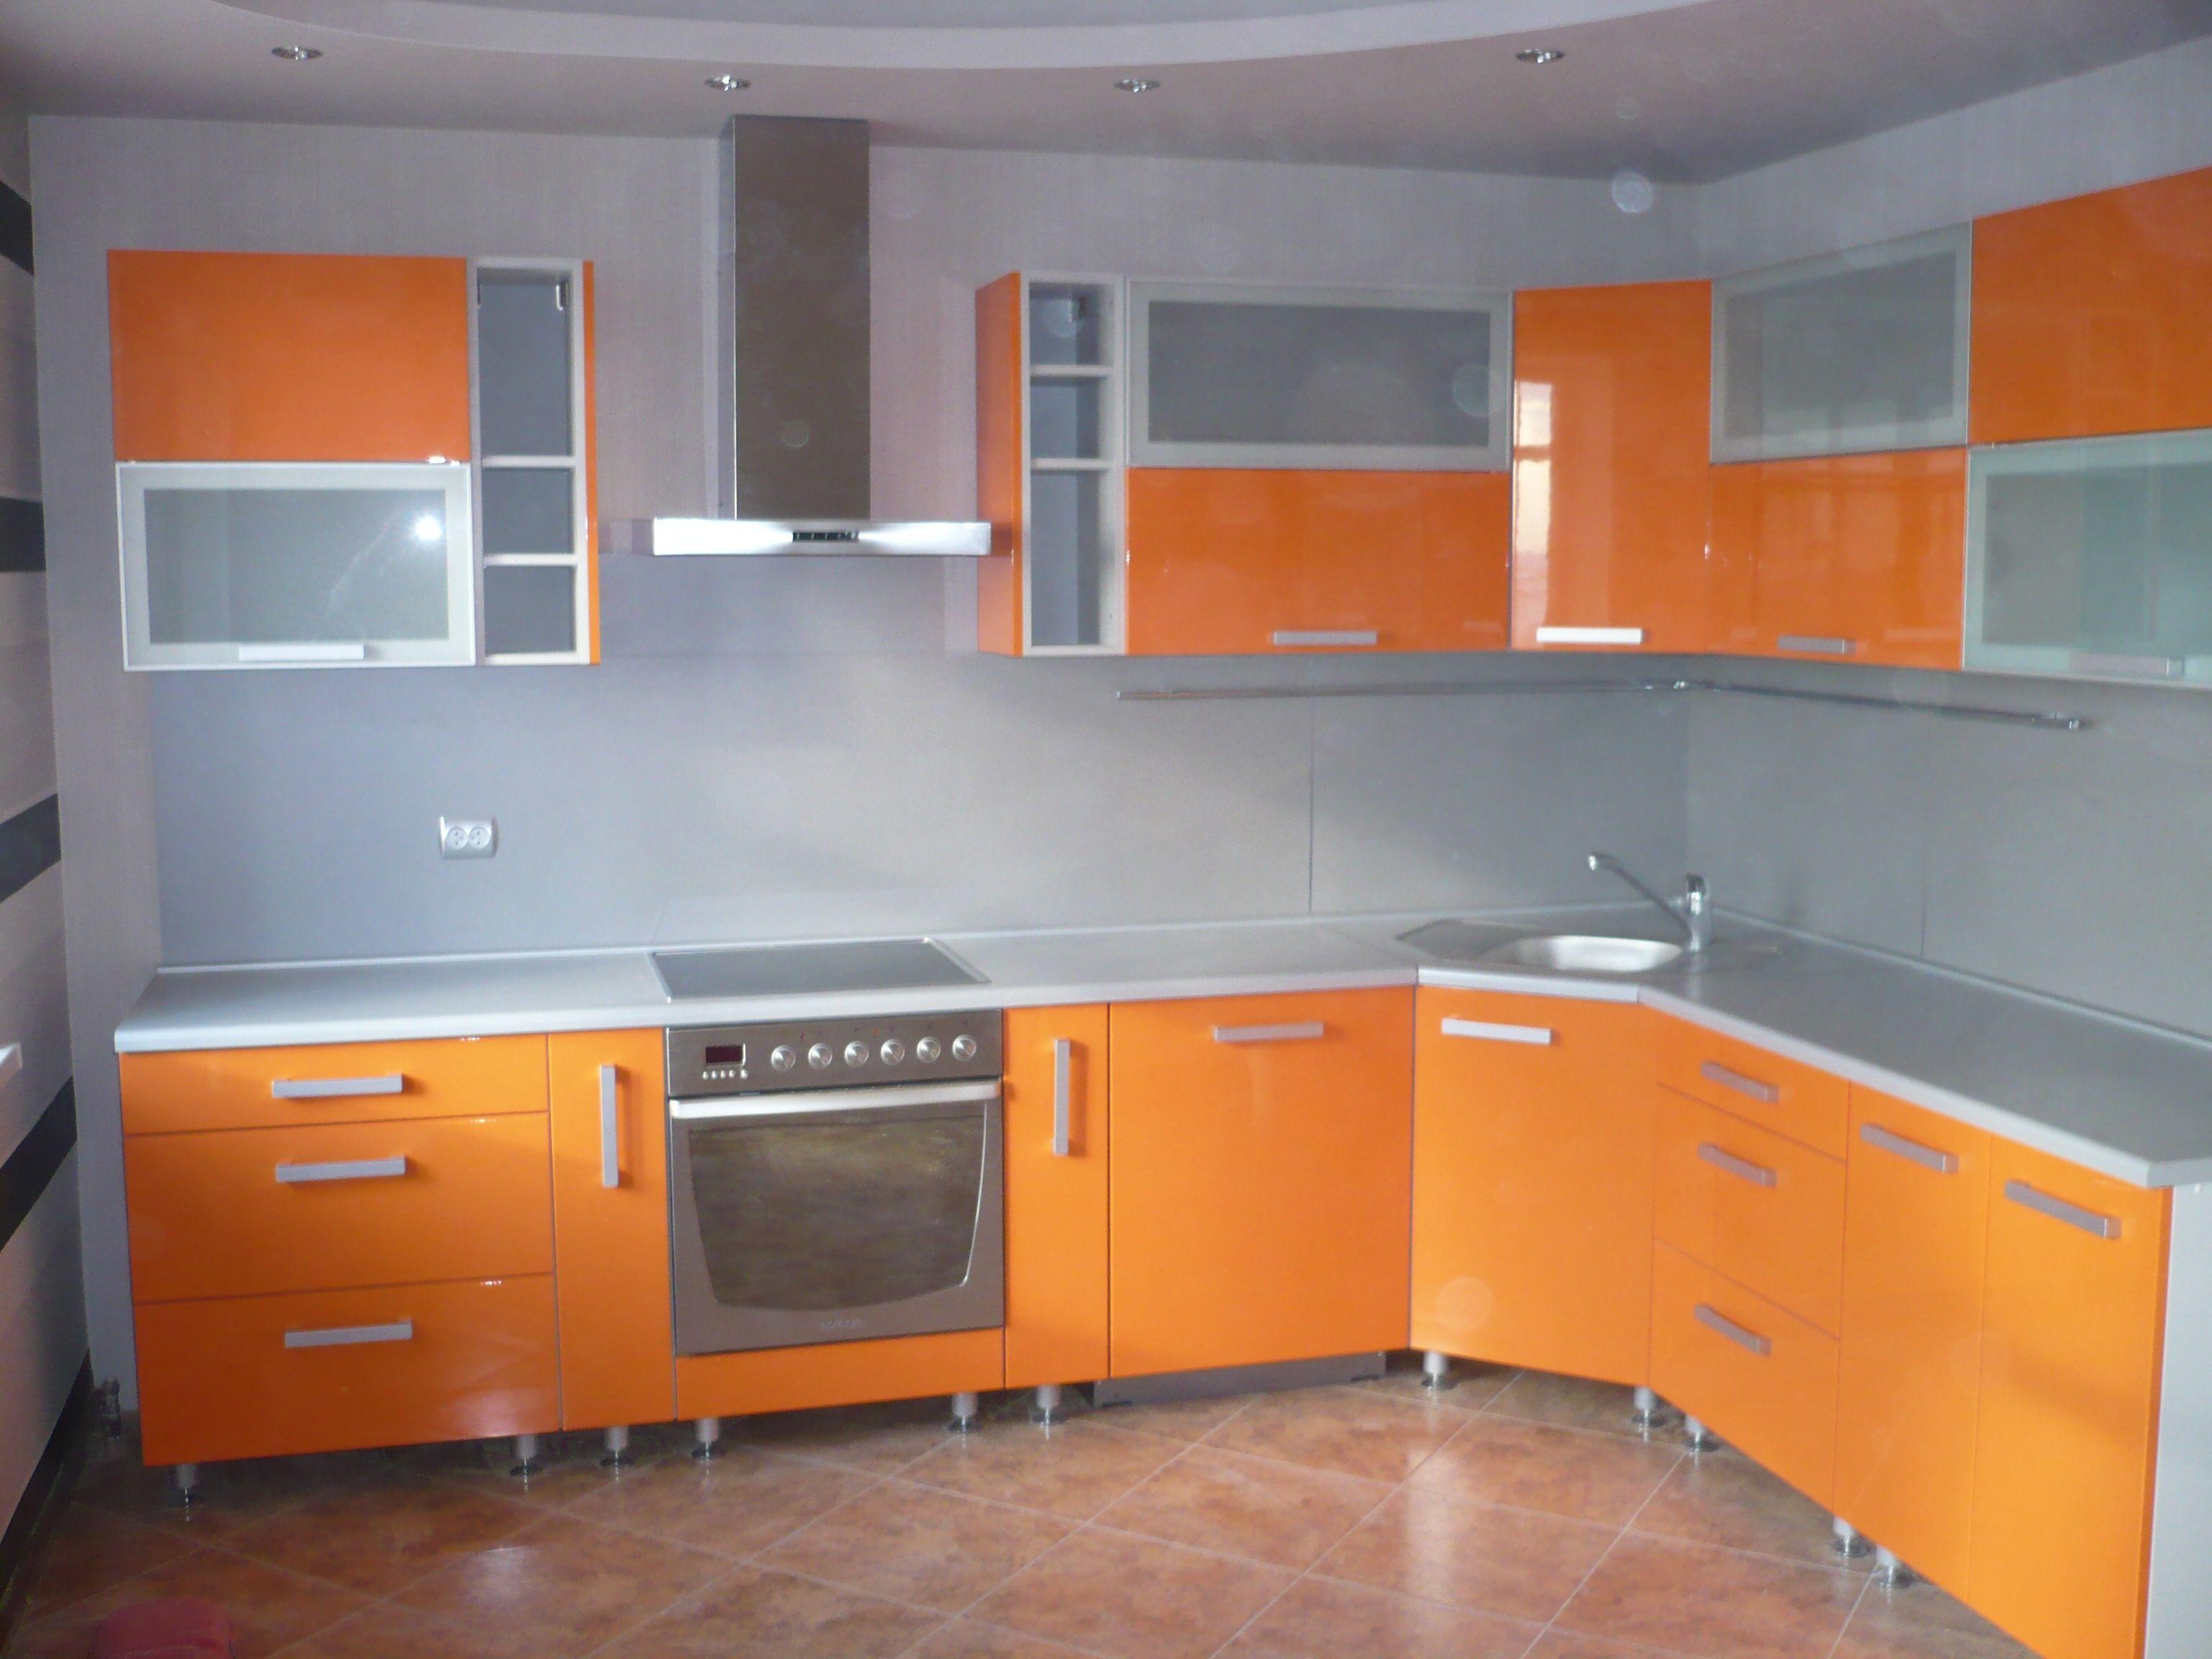 Dise o de cocinas cocinas naranjas madrid cocinas - Disenos de cocinas modernas ...